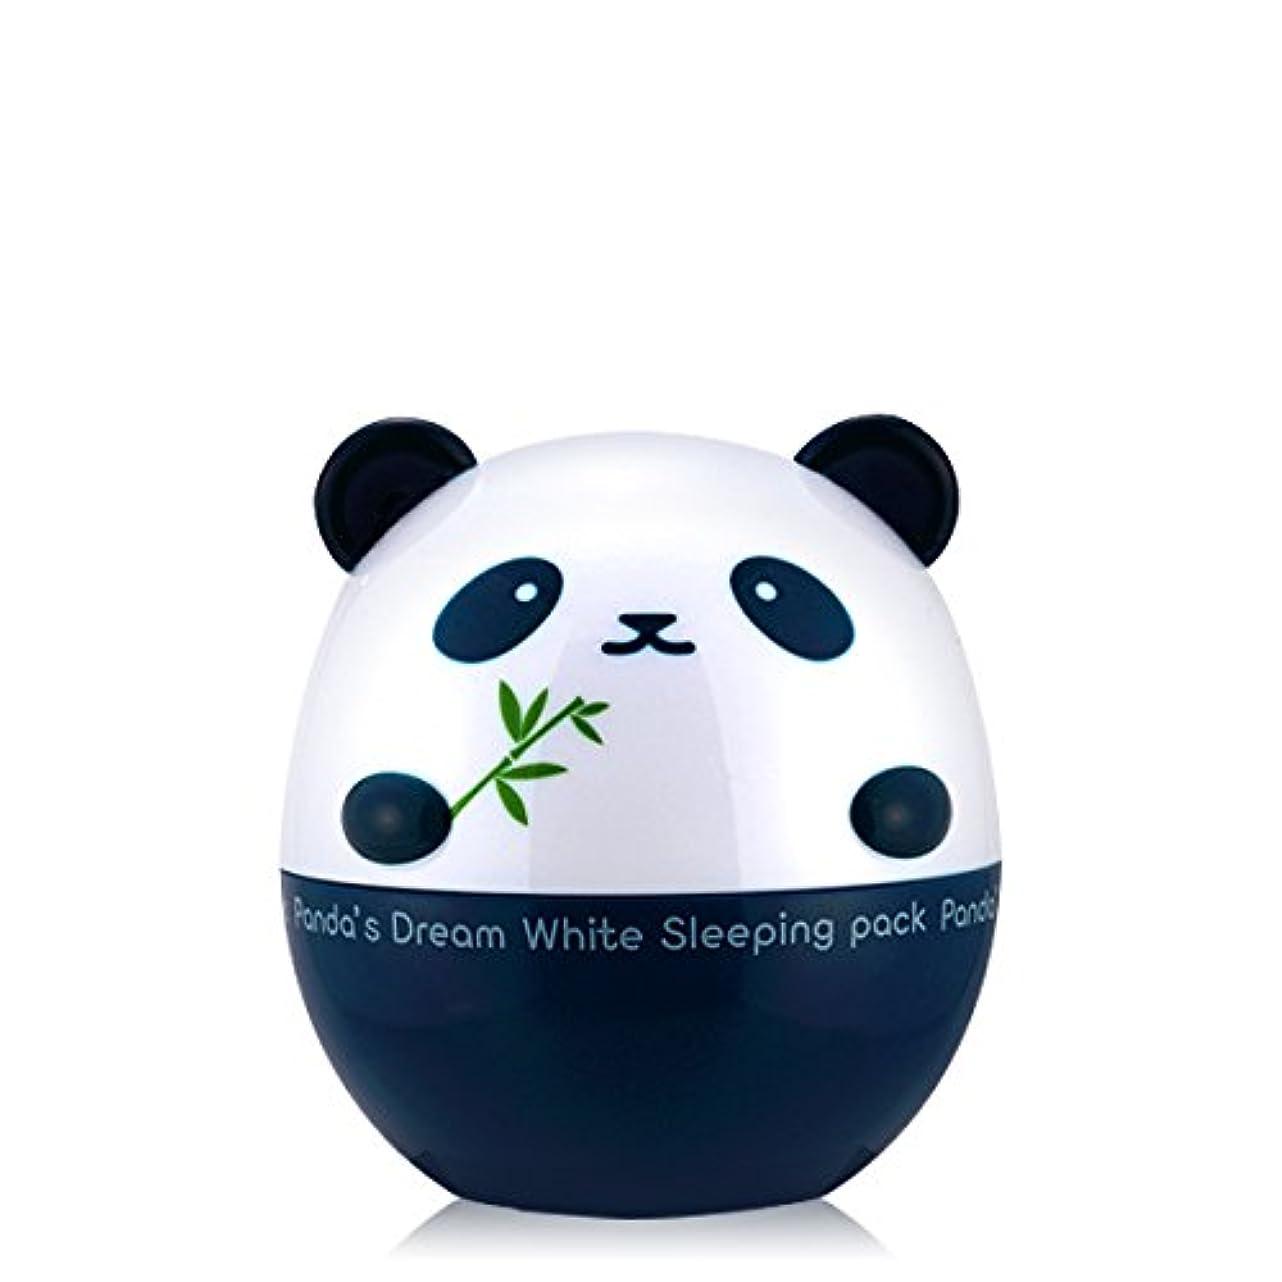 アレキサンダーグラハムベルリング気配りのある[1+1] TONY MOLY Panda's Dream White Sleeping Pack 50g / トニーモリーパンダーズドリームホワイトスリーピングパック50g / 1.76oz [並行輸入品]